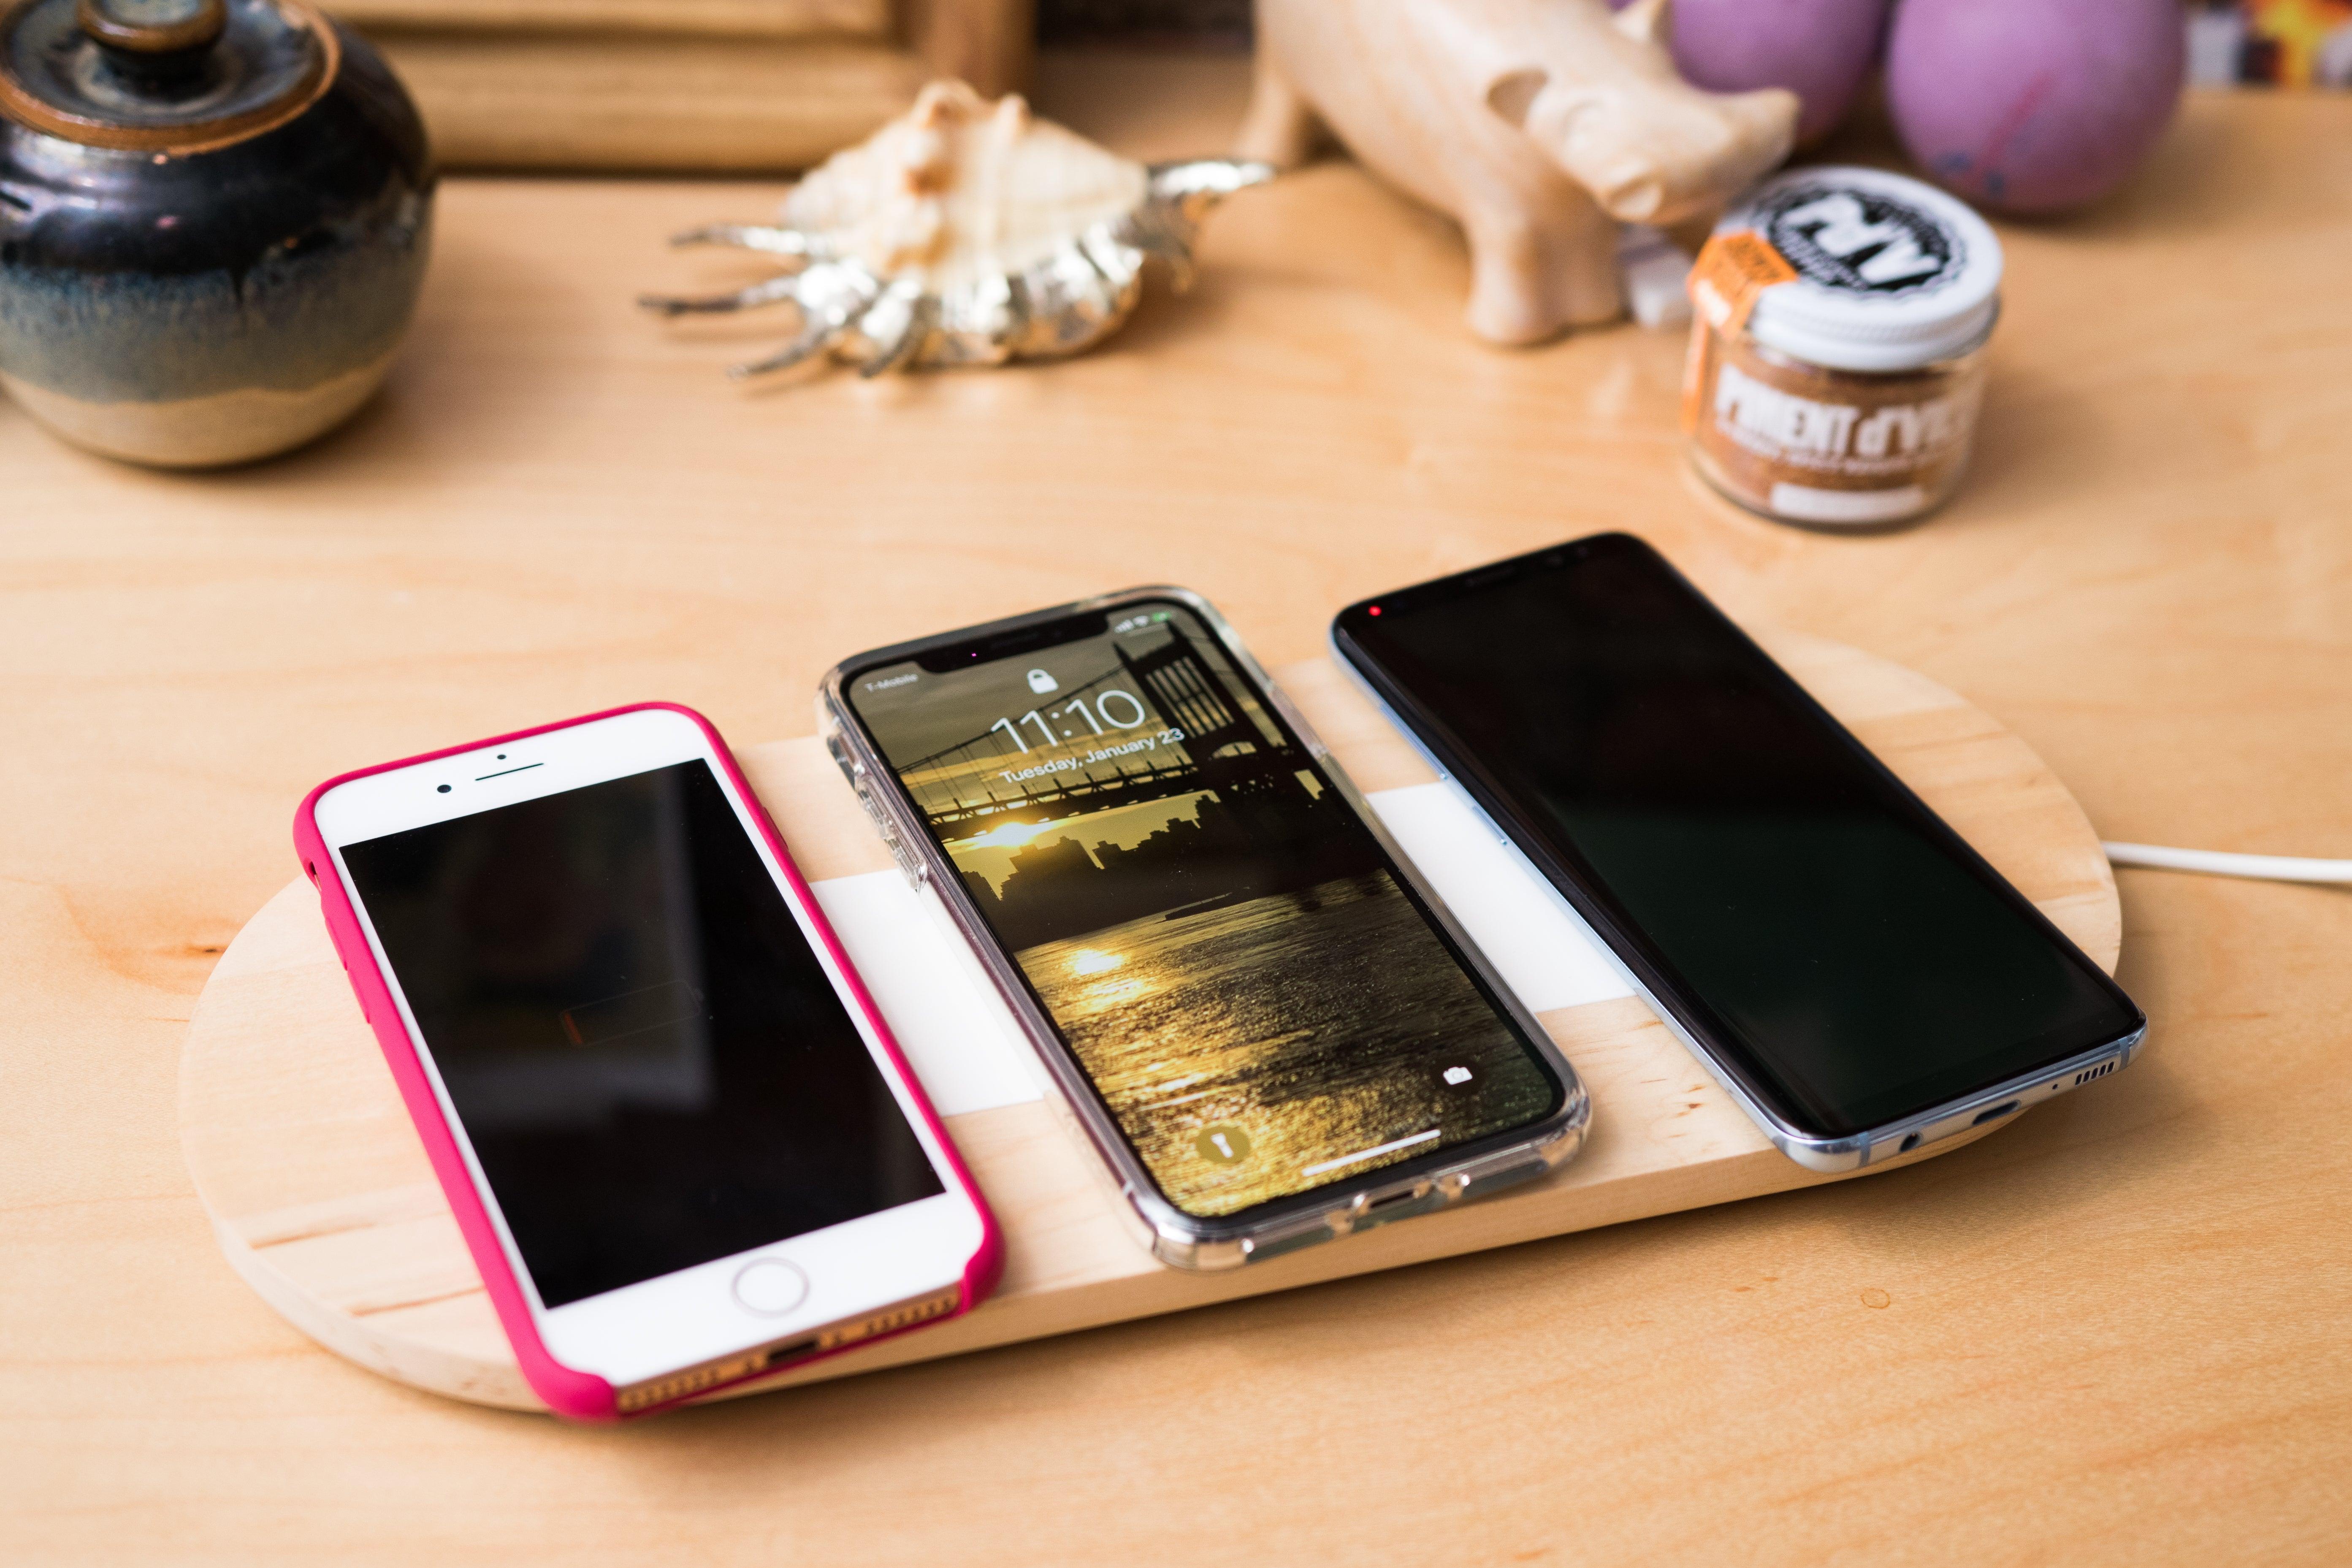 Phones on the IKEA Nordmärke triple pad